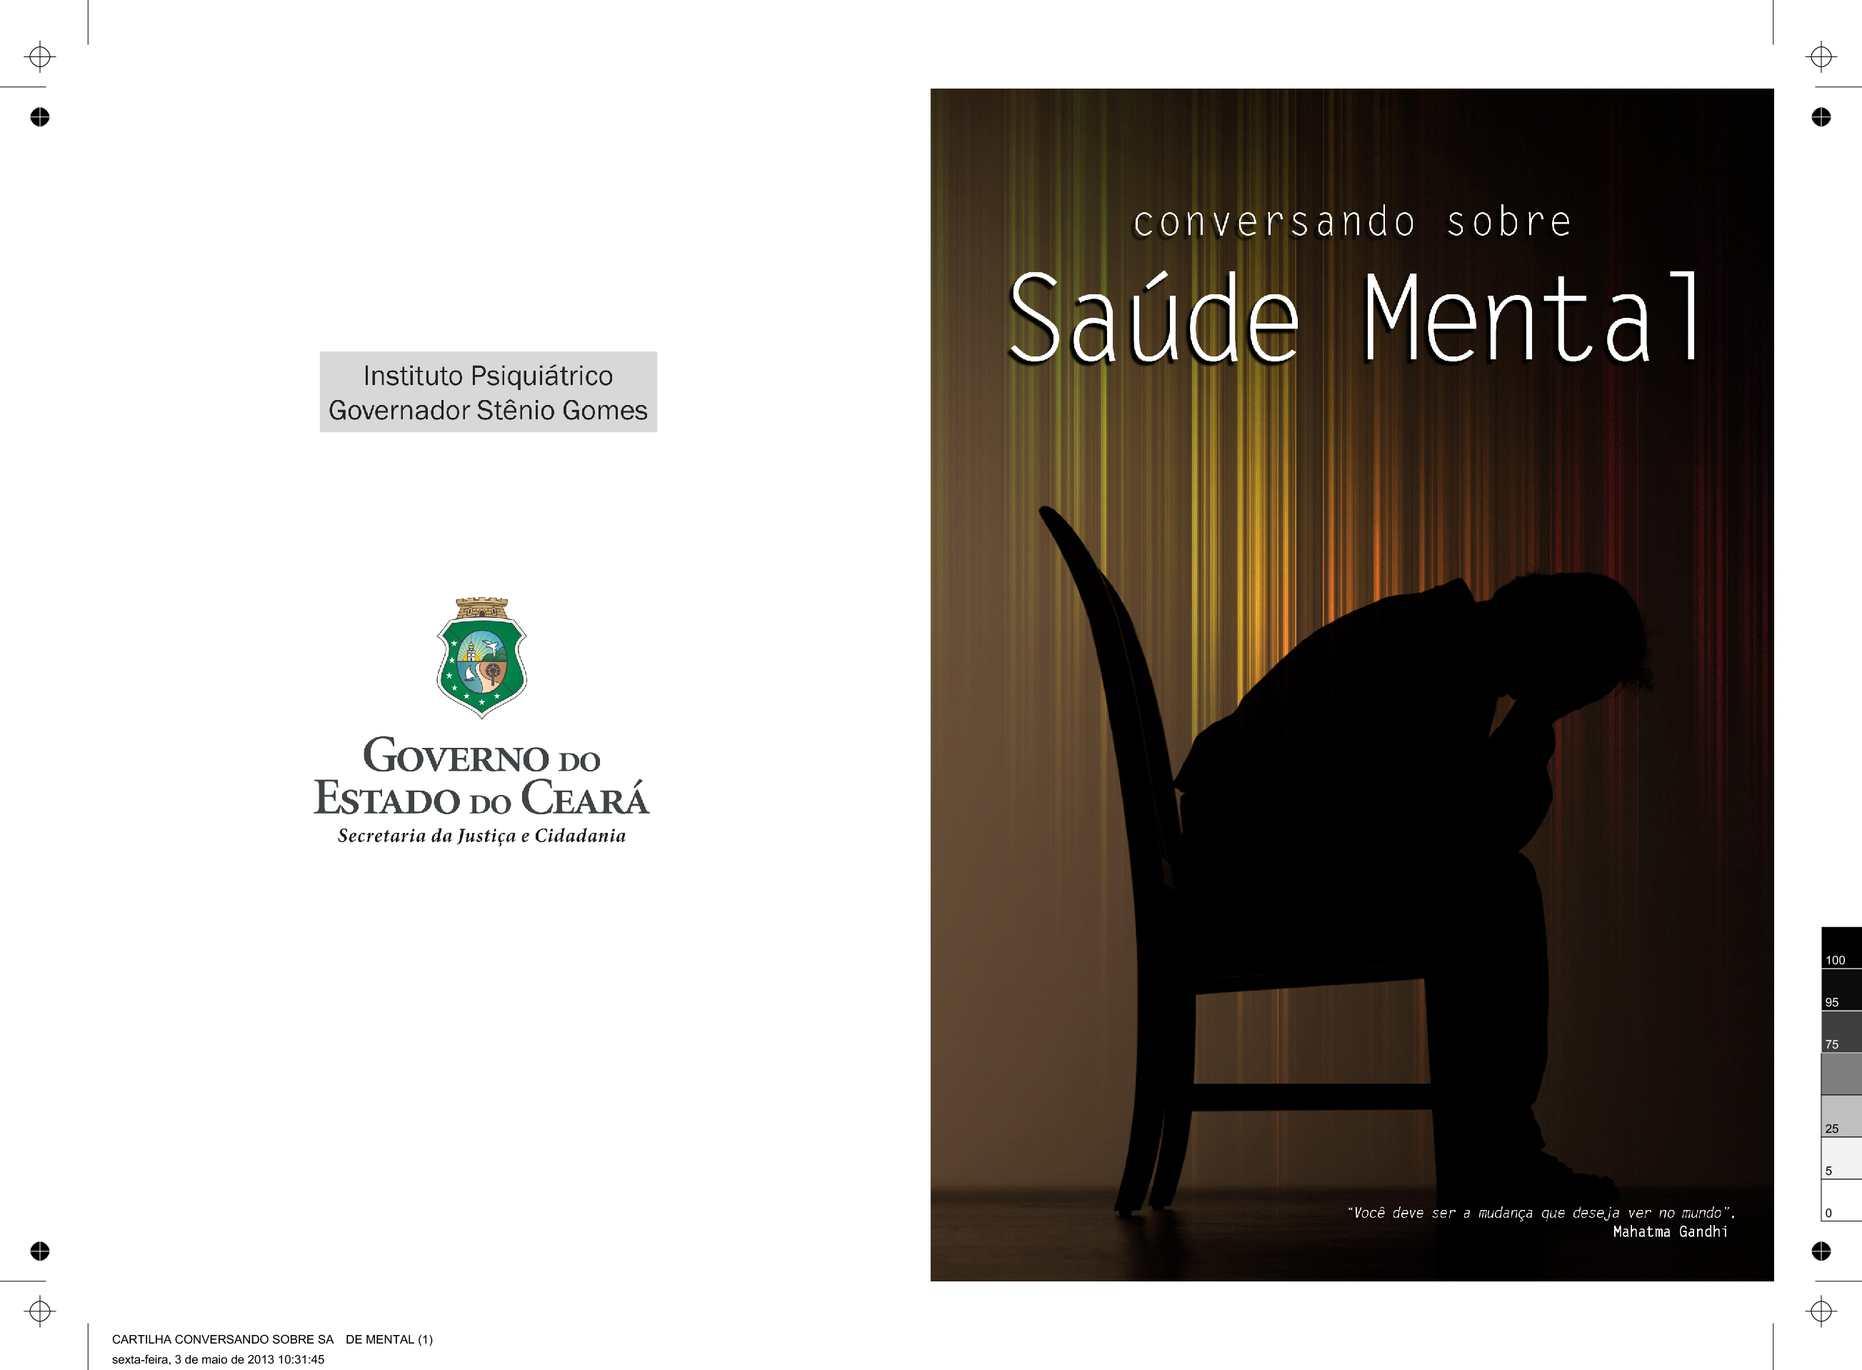 Conversando sobre Saúde Mental